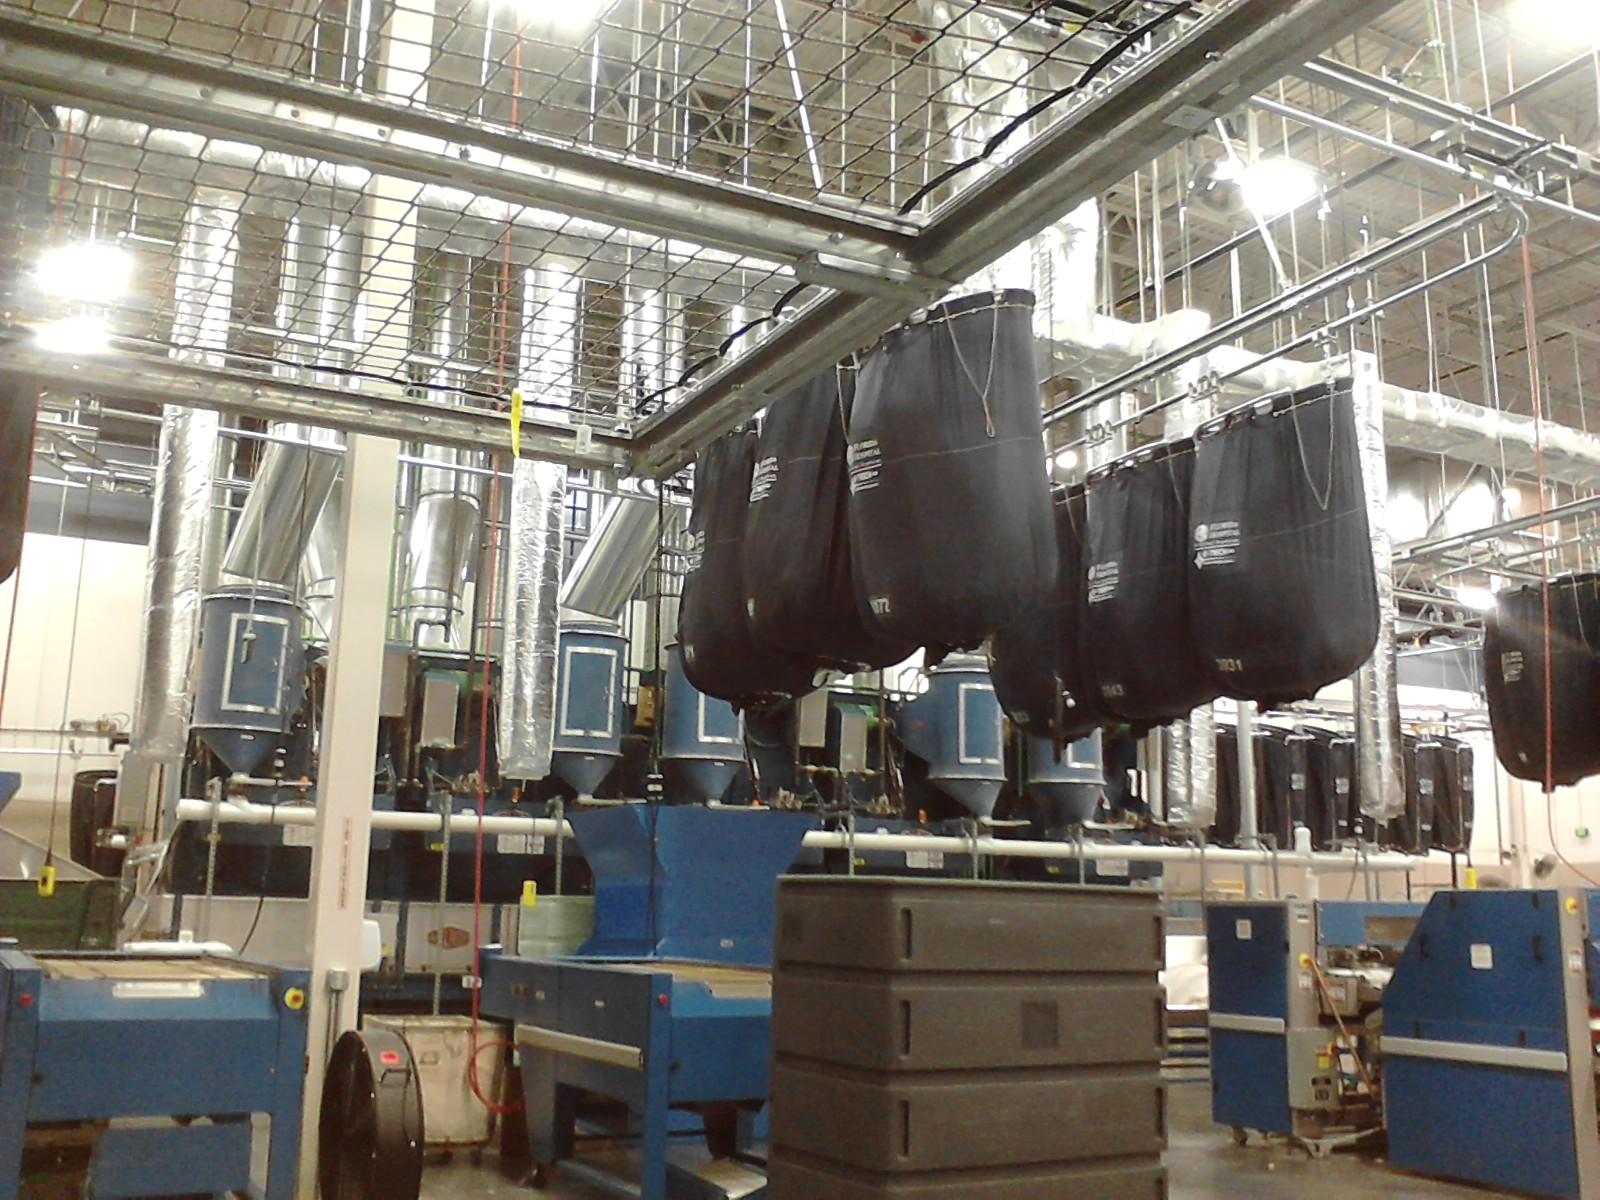 Florida Hospital Laundry Facility interior photo